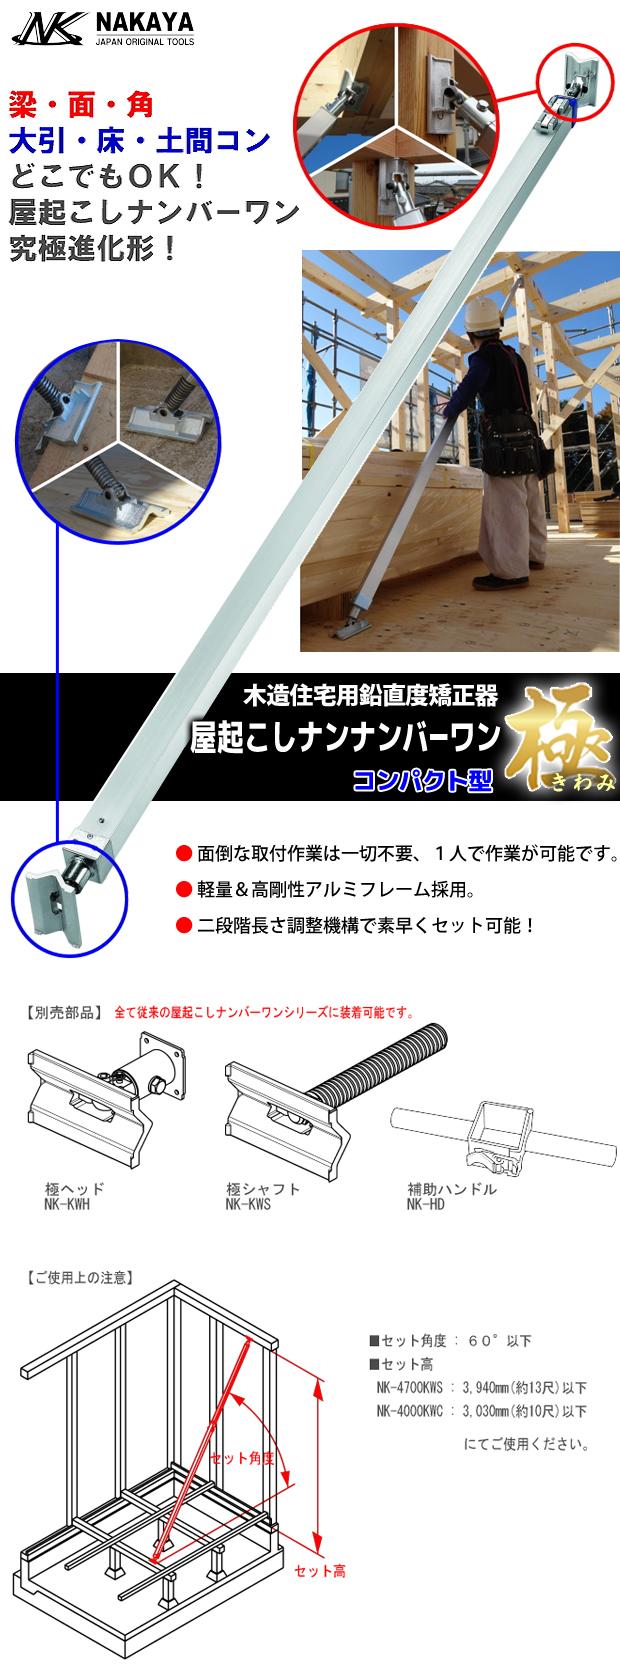 ナカヤ 木造住宅用鉛直度矯正器 屋起こしナンバーワン 極